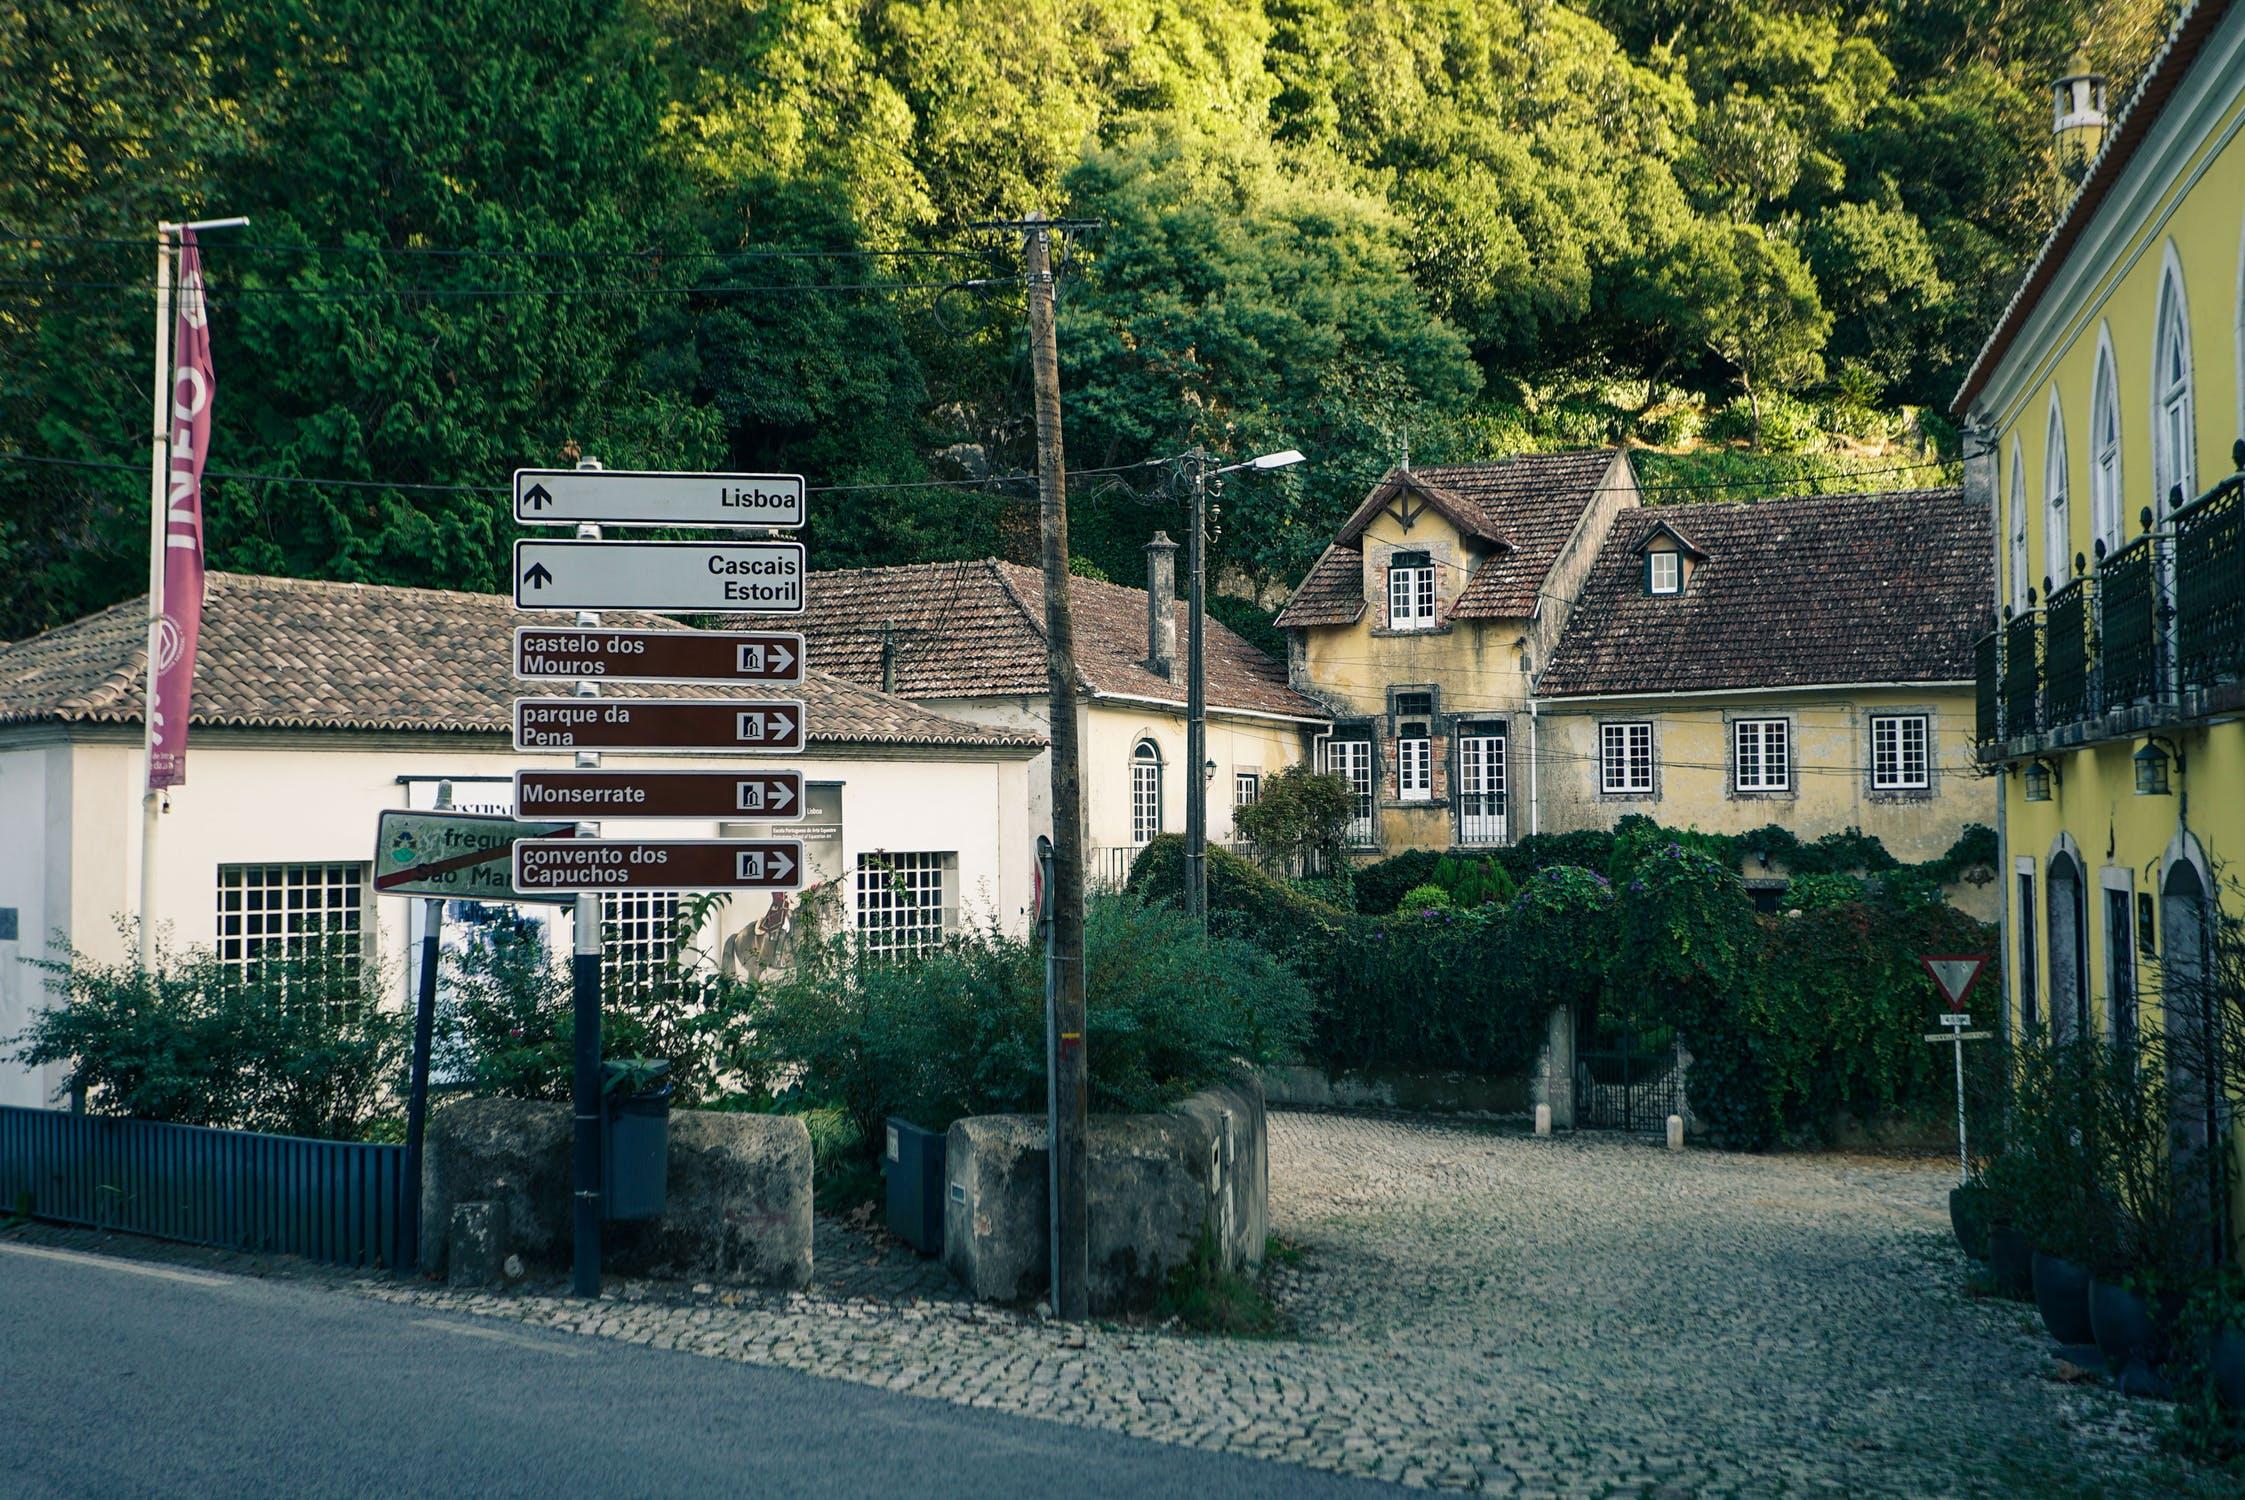 Acheter ou vendre un maison au Portugal ne doit pas vous faire oublier de calculer les frais annexes